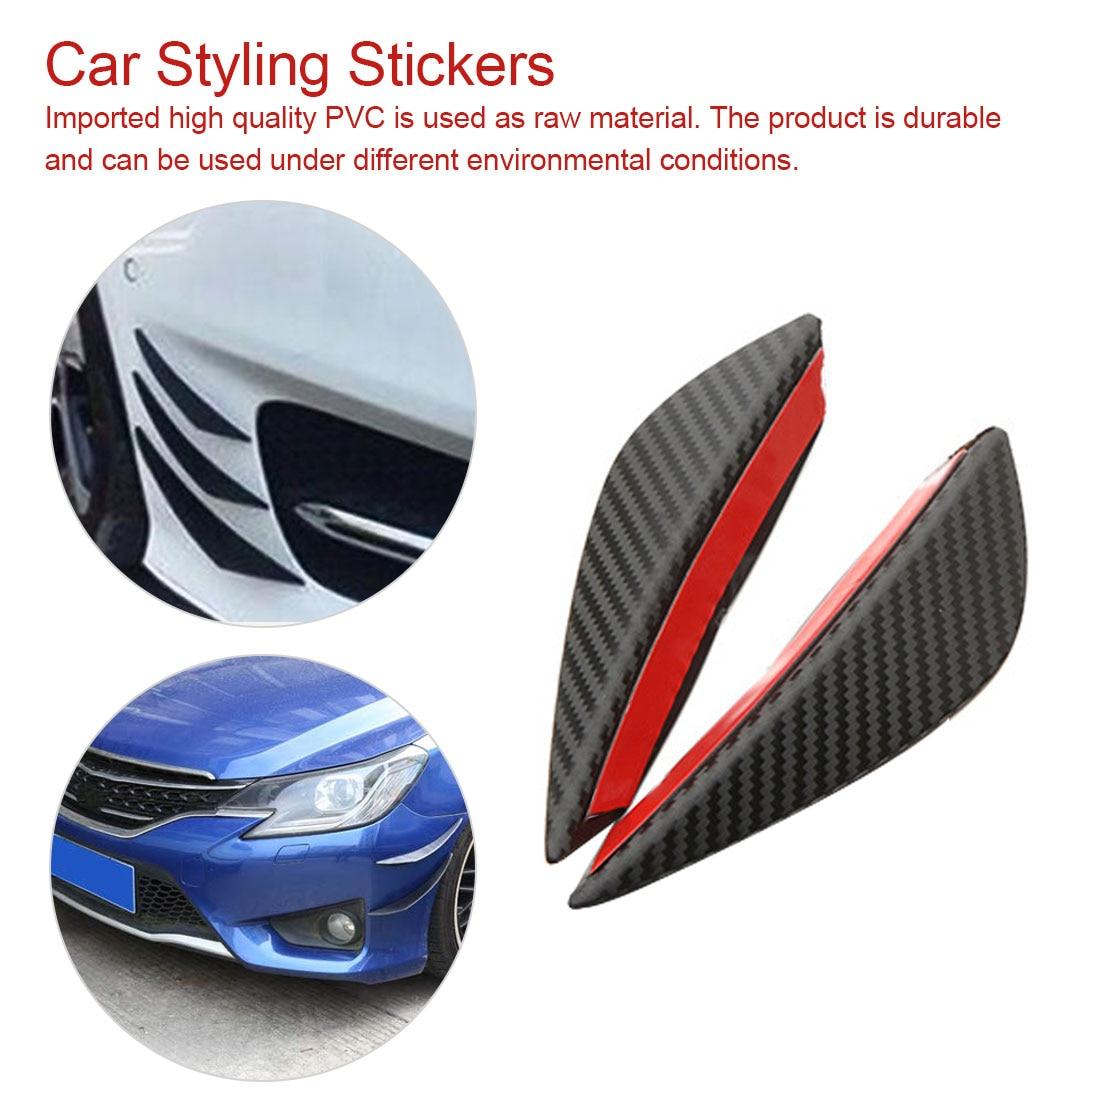 4 Pcs Black Real Carbon Fiber Car Front Bumper Splitter Fins Decoration Stickers